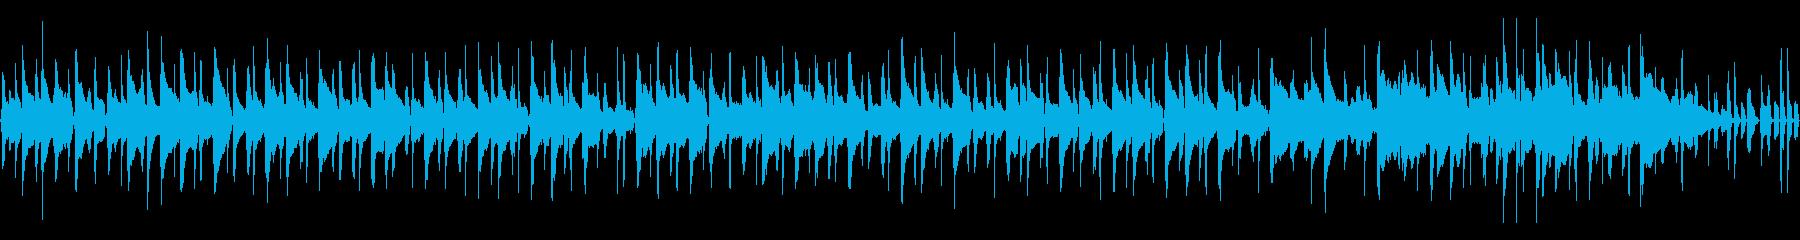 68秒ループ/可愛いウクレレポップスの再生済みの波形